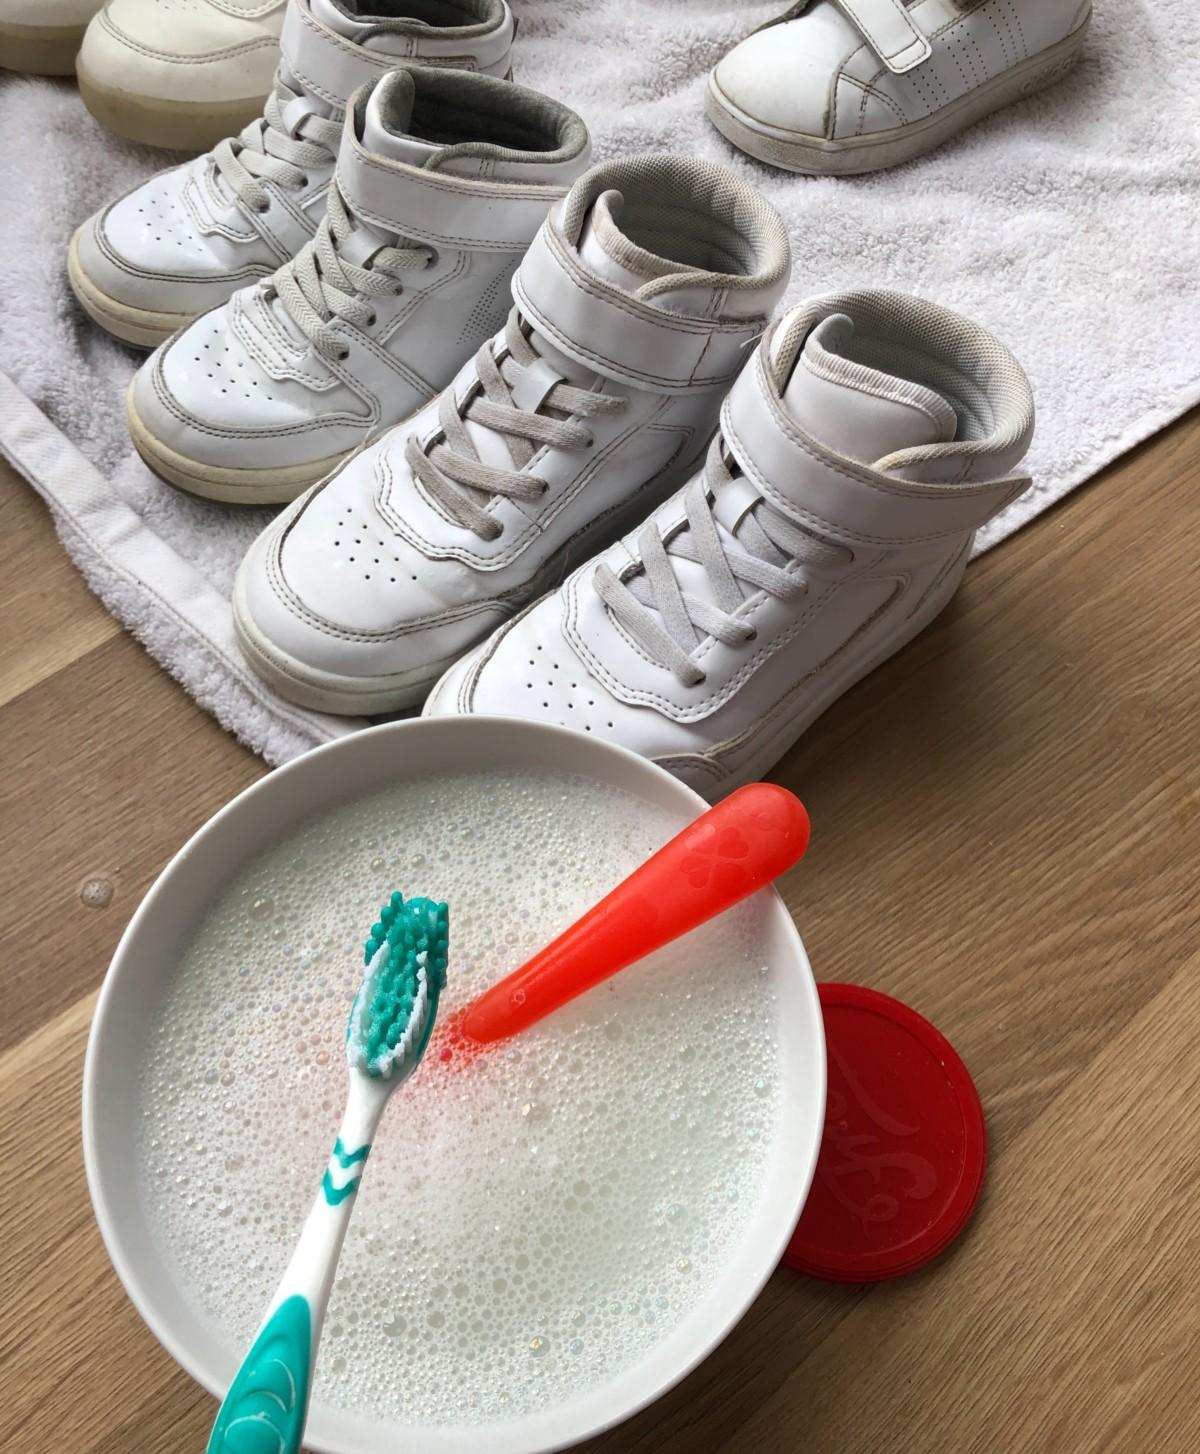 Rengjøre skolisser vaske skolisser